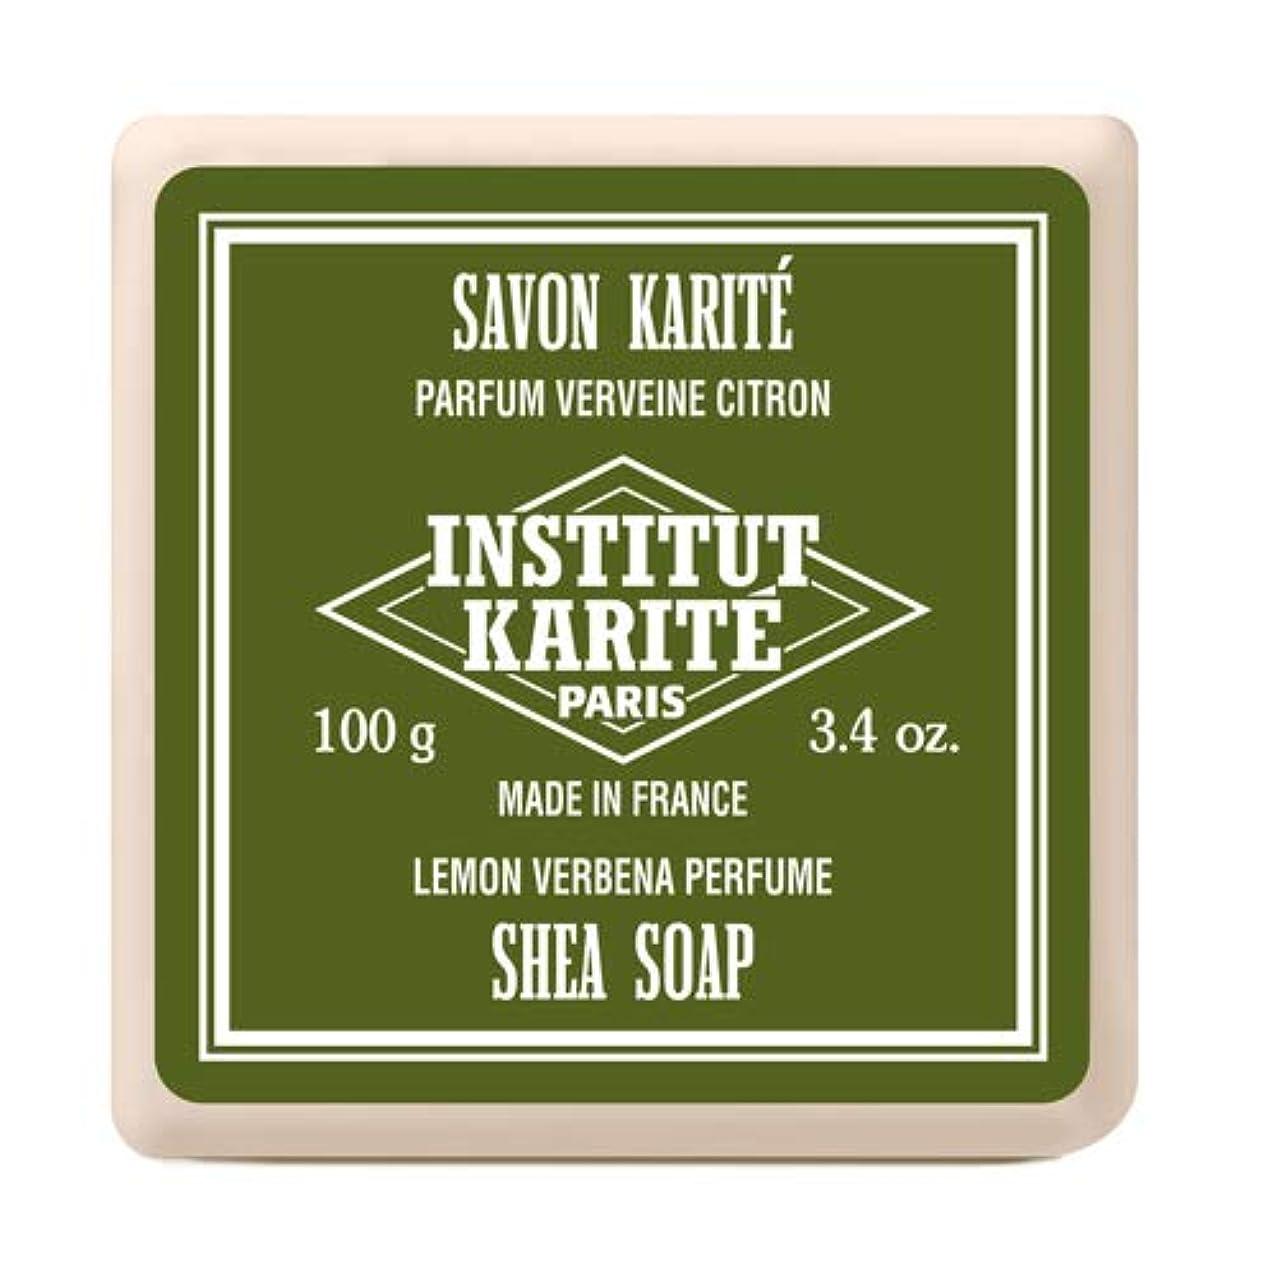 私クレア凍結INSTITUT KARITE インスティテュート カリテ Shea Wrapped Soap シアソープ 100g Lemon Vervena レモンバーベナ